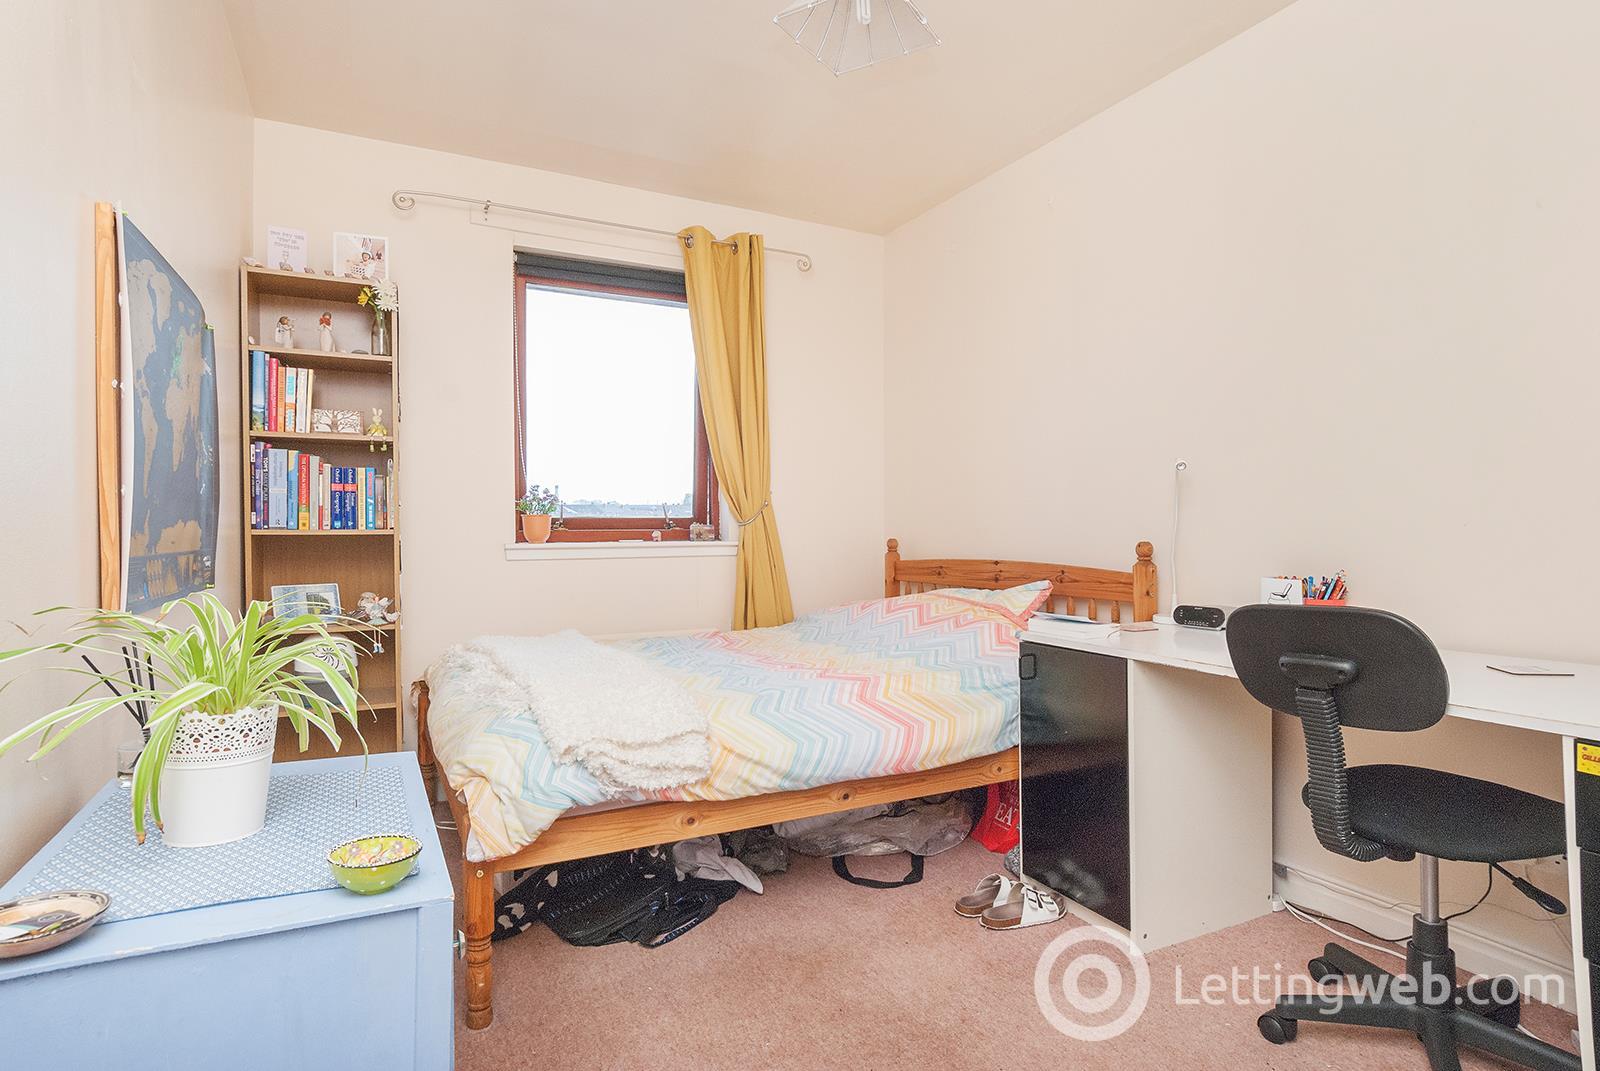 Property to rent in West Powburn, Edinburgh, EH9 3EN